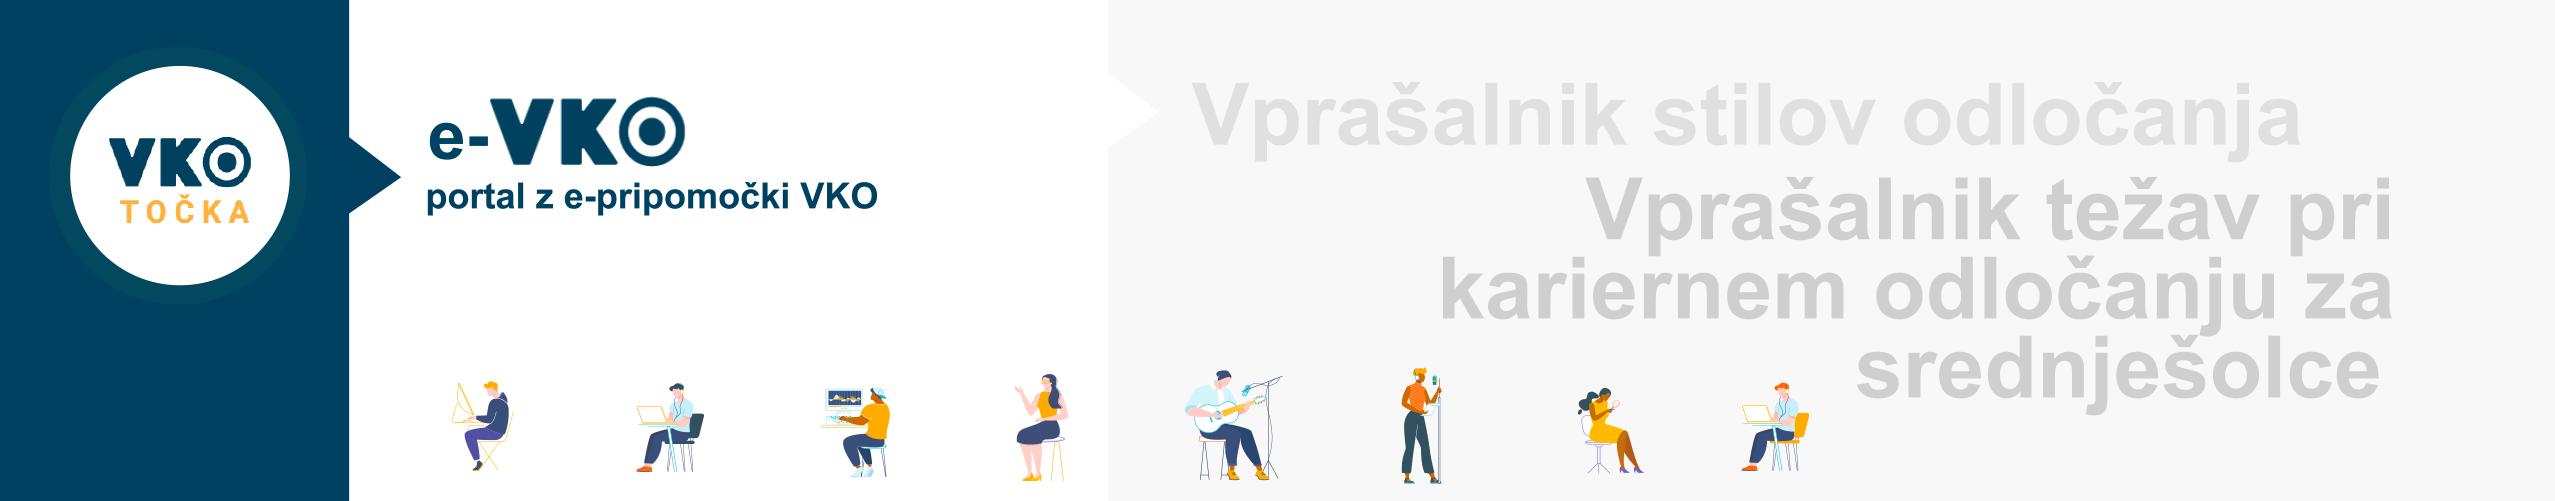 e-VKO portal z e-pripomočki VKO